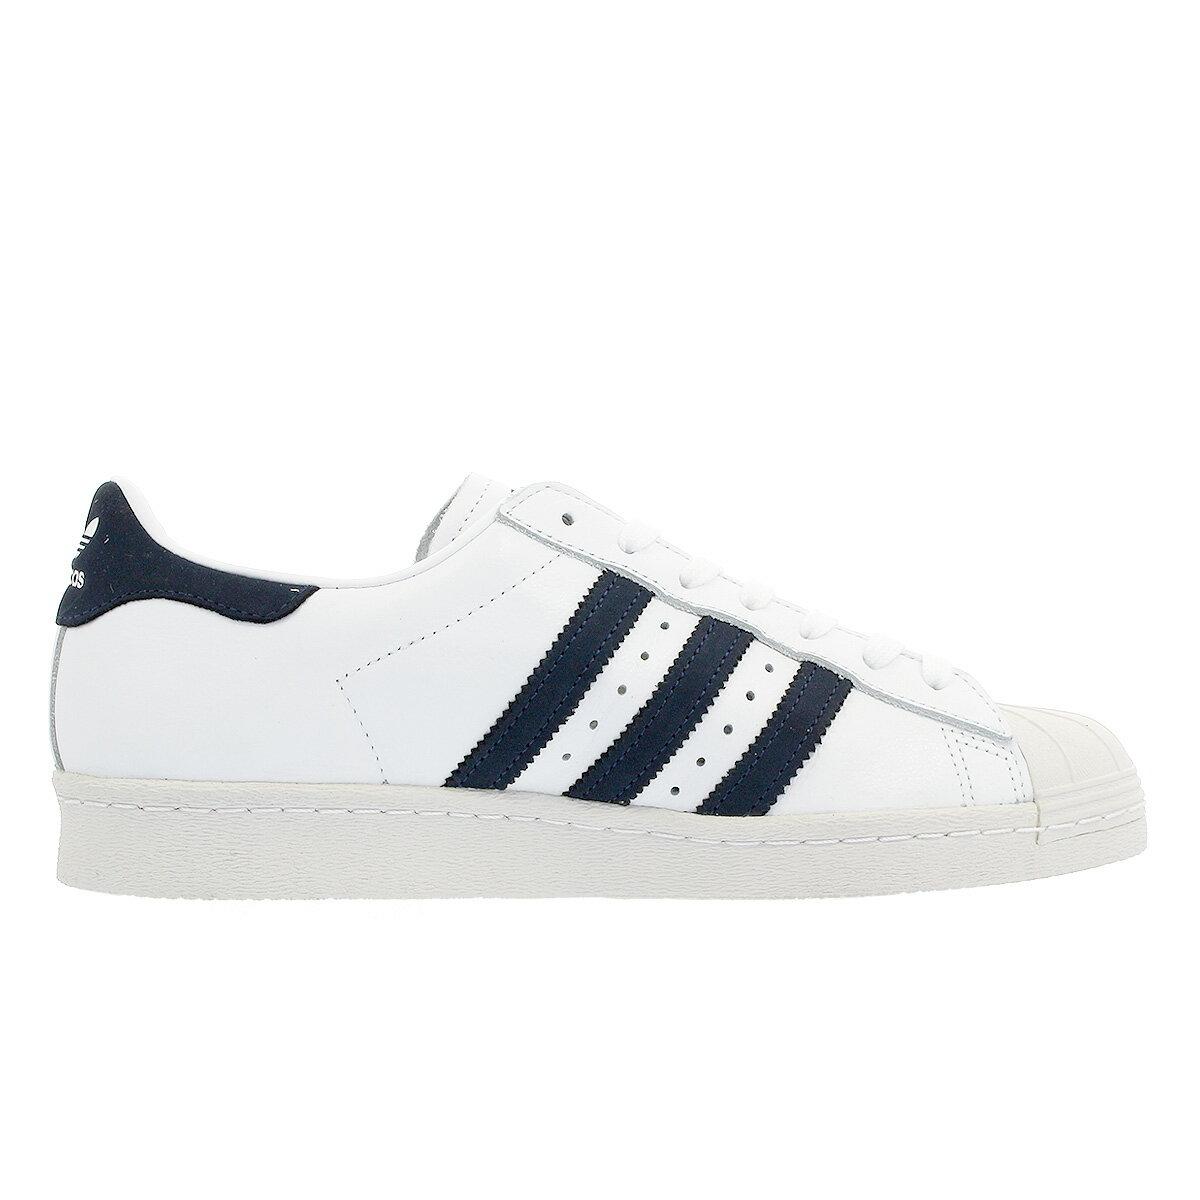 adidas SUPERSTAR 80s Adidas superstar 80s RUNNING WHITECOLLEGE NAVYCRYSTAL WHITE ee8778